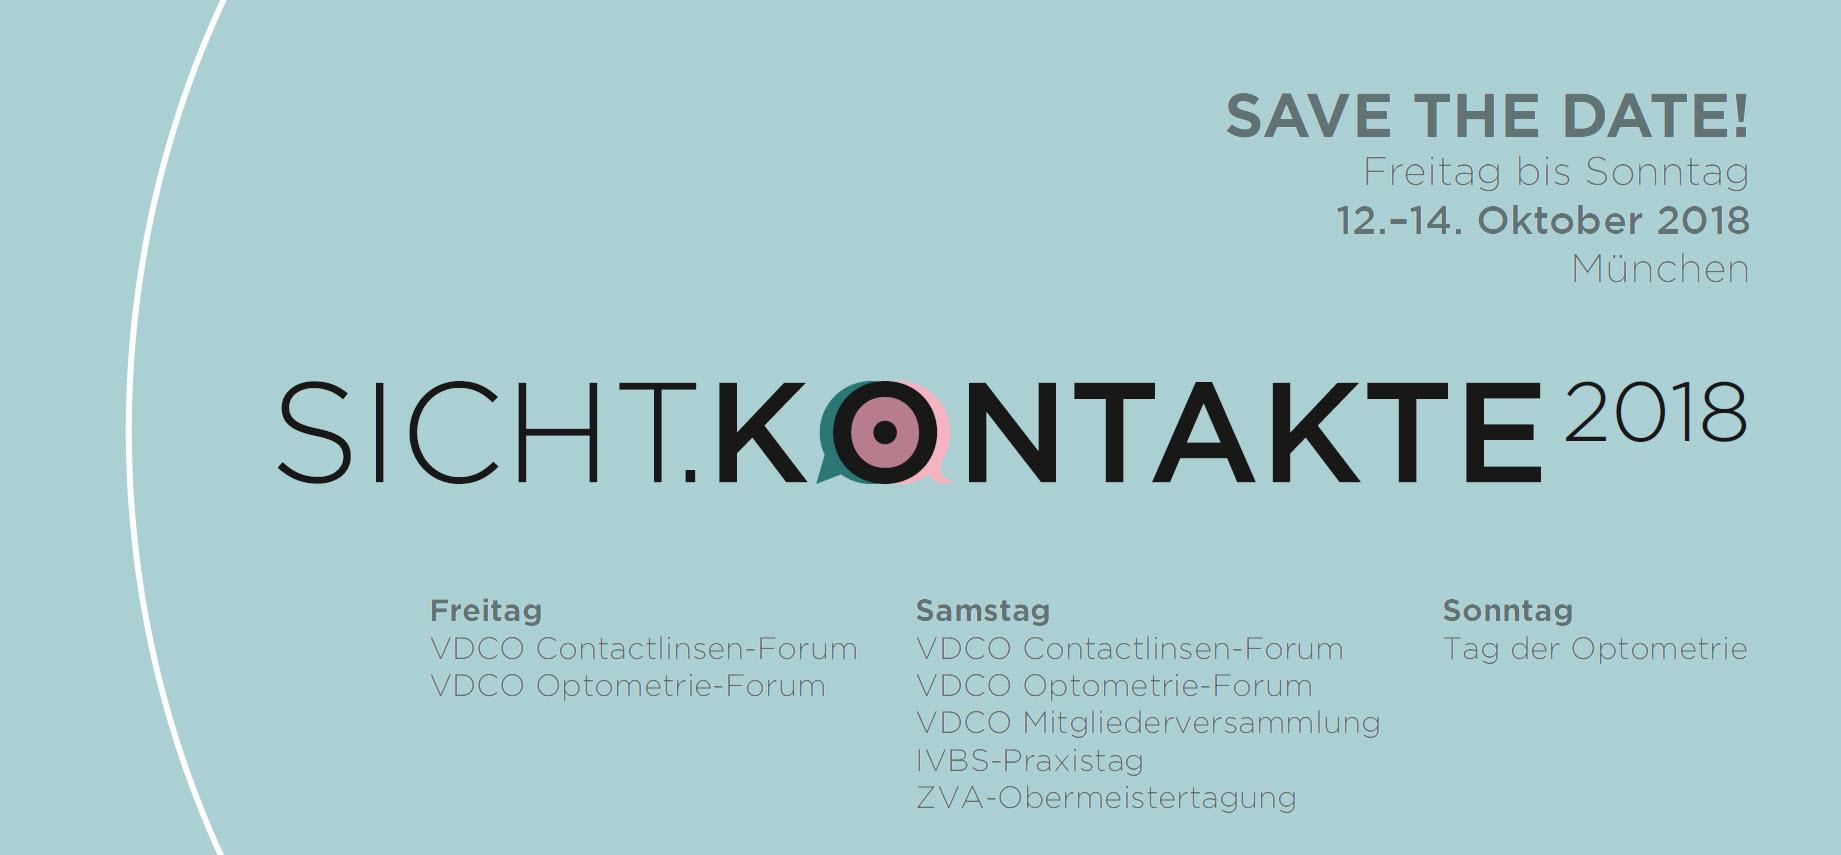 DDer Tag der Optometrie wird im Rahmen der Sichtkontakte 2018 durchgeführt